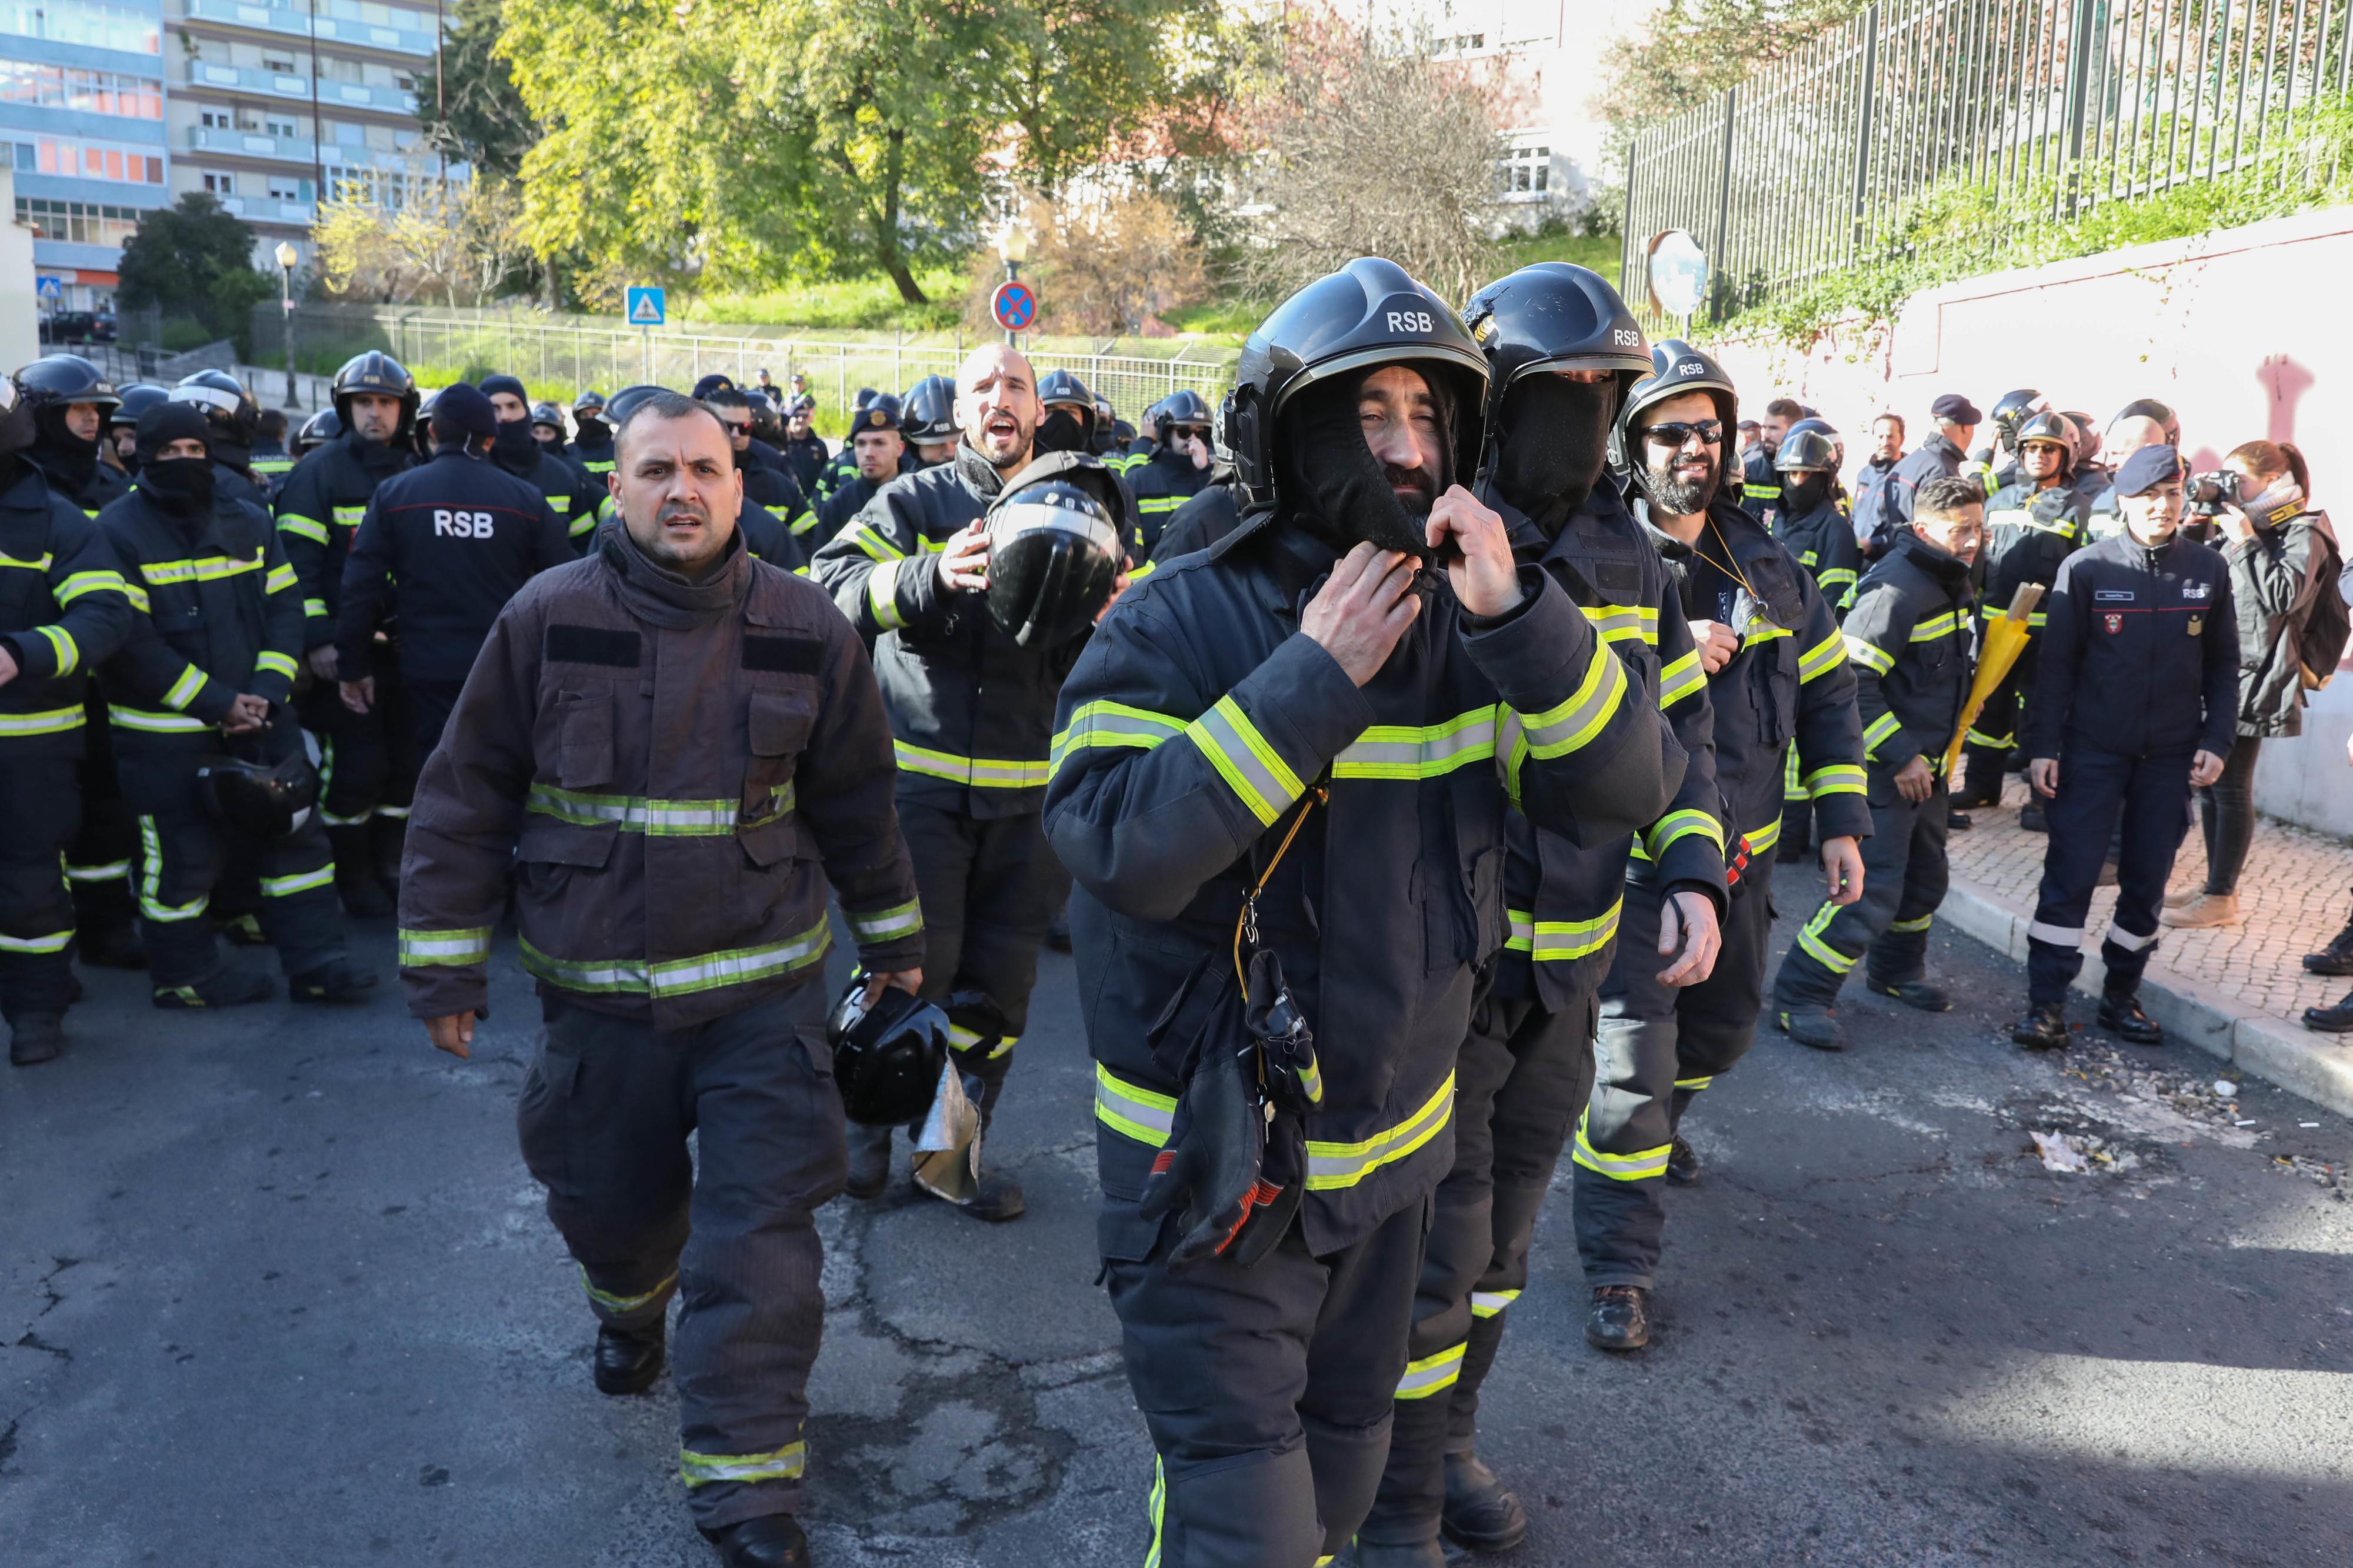 Sindicato mantém greve de bombeiros de Lisboa por falta de acordo com Governo